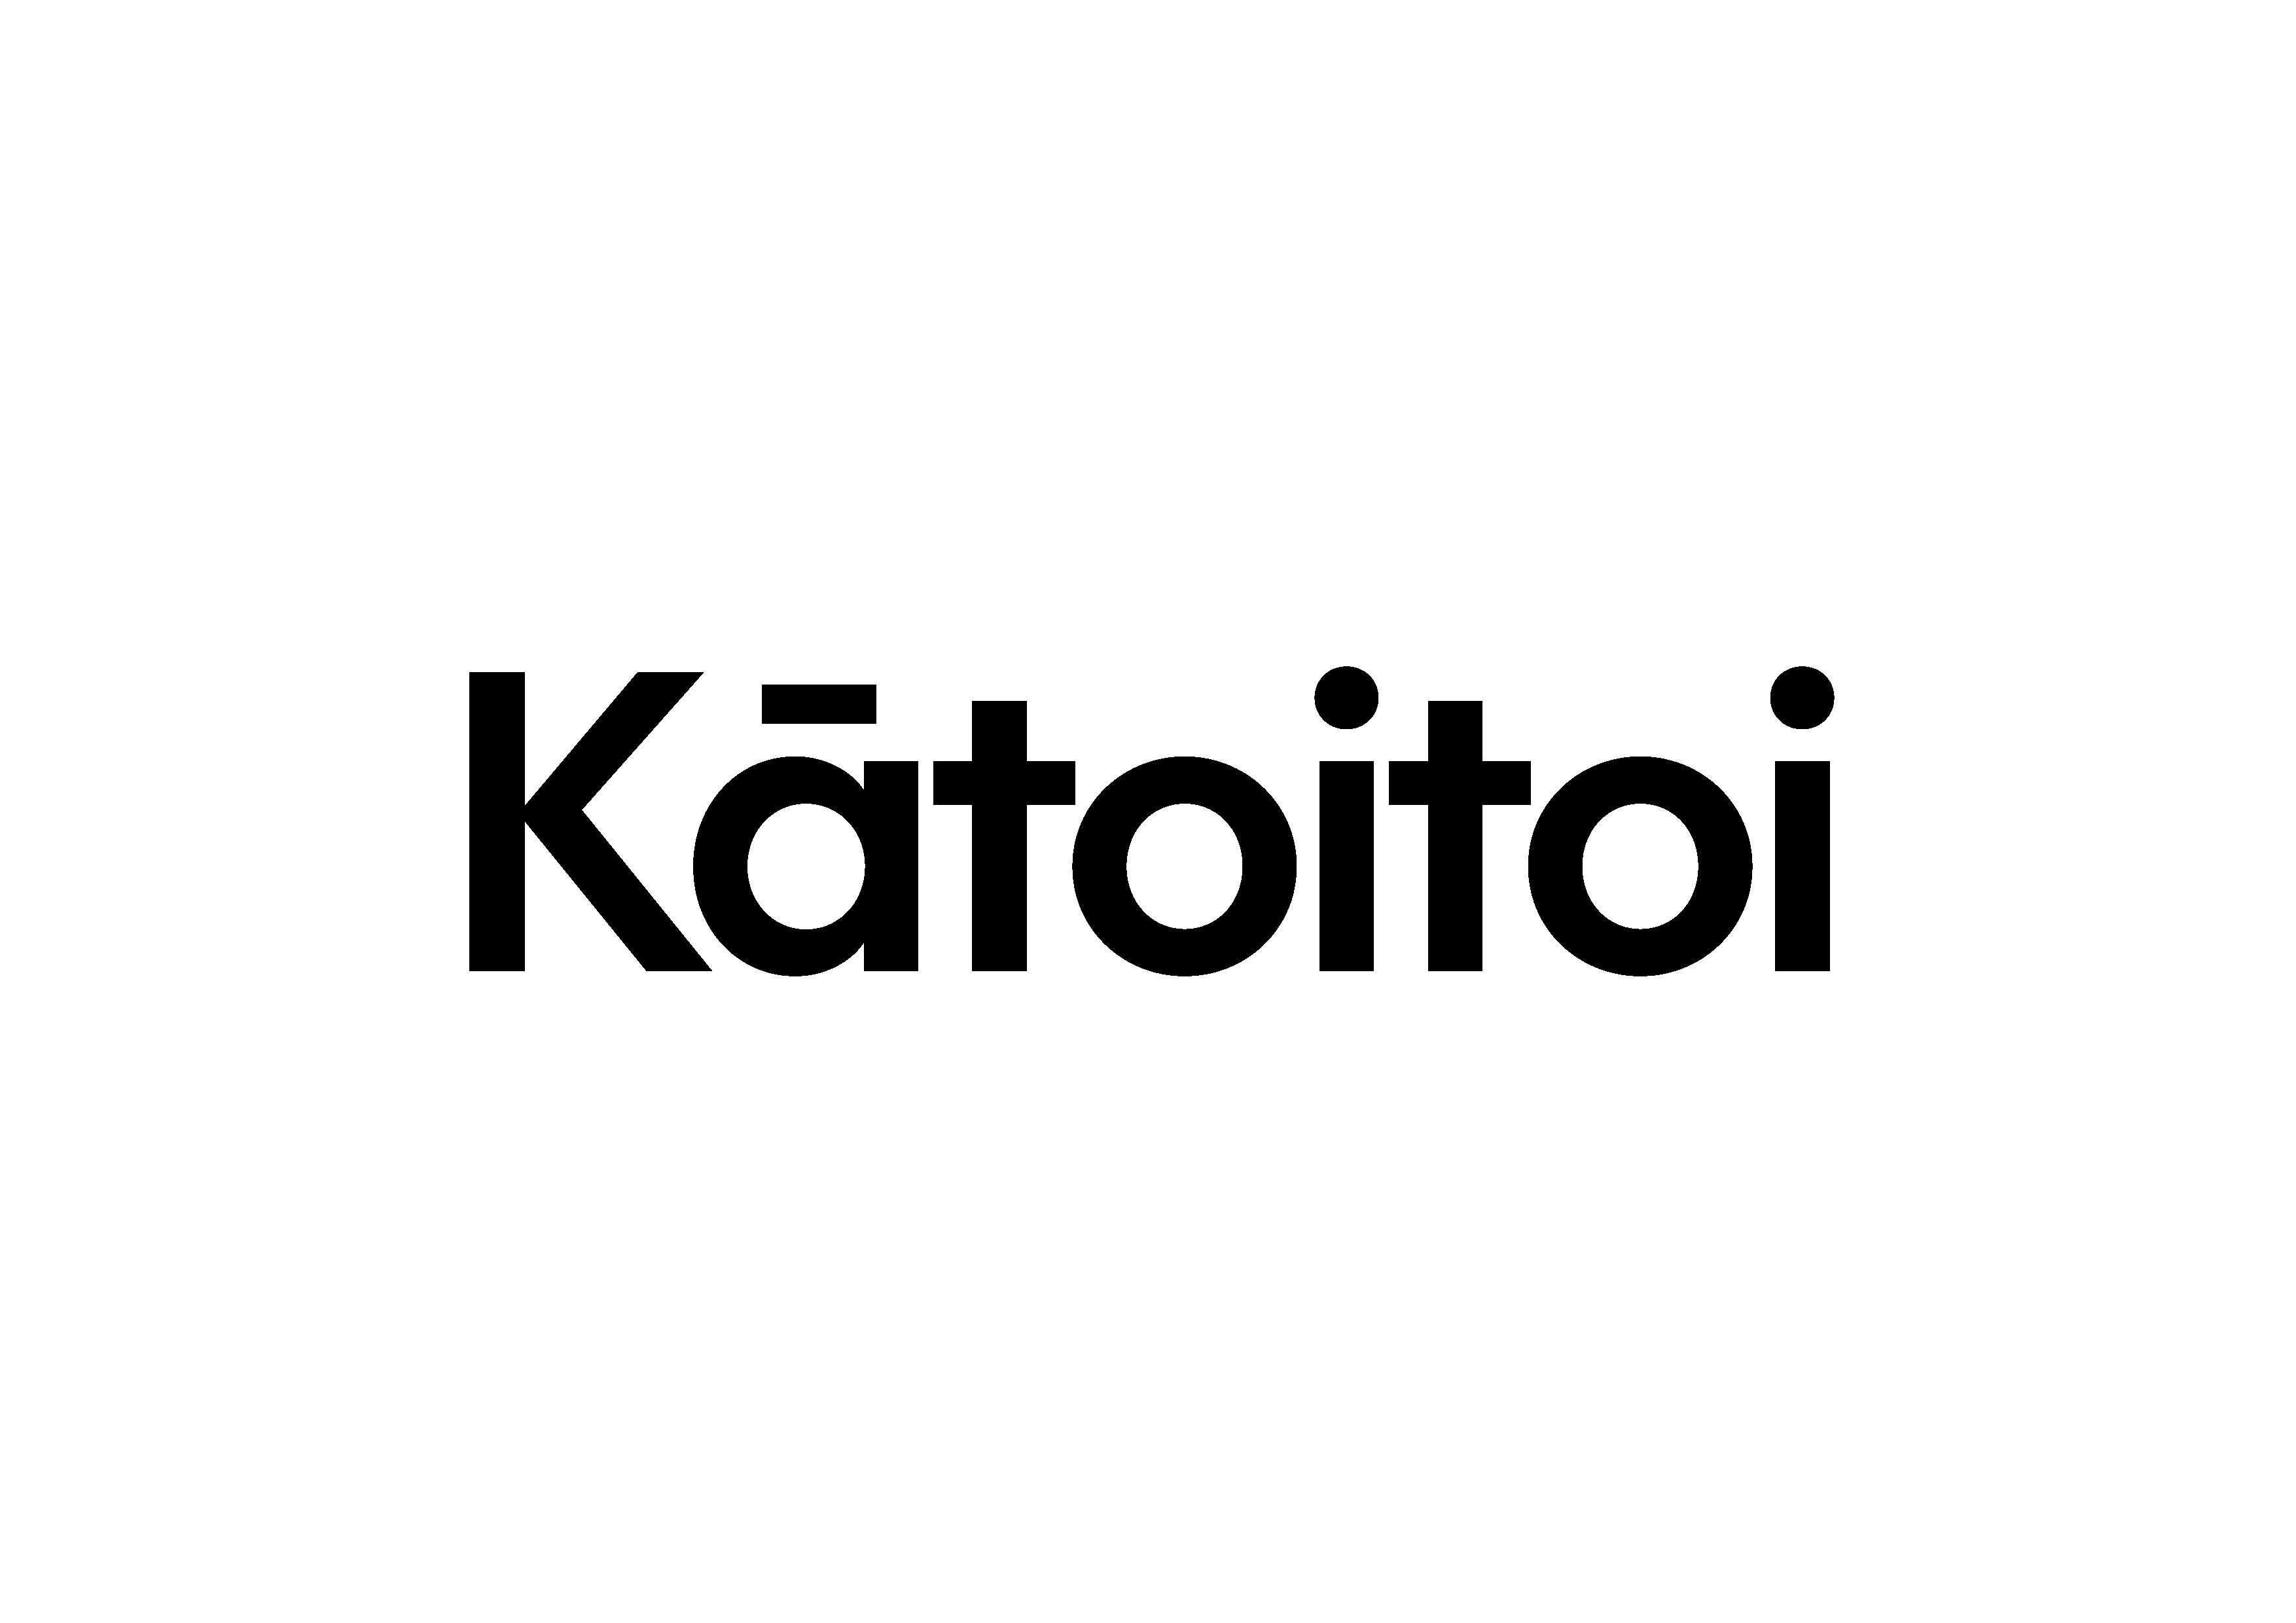 Kātoitoi Logotype IDML